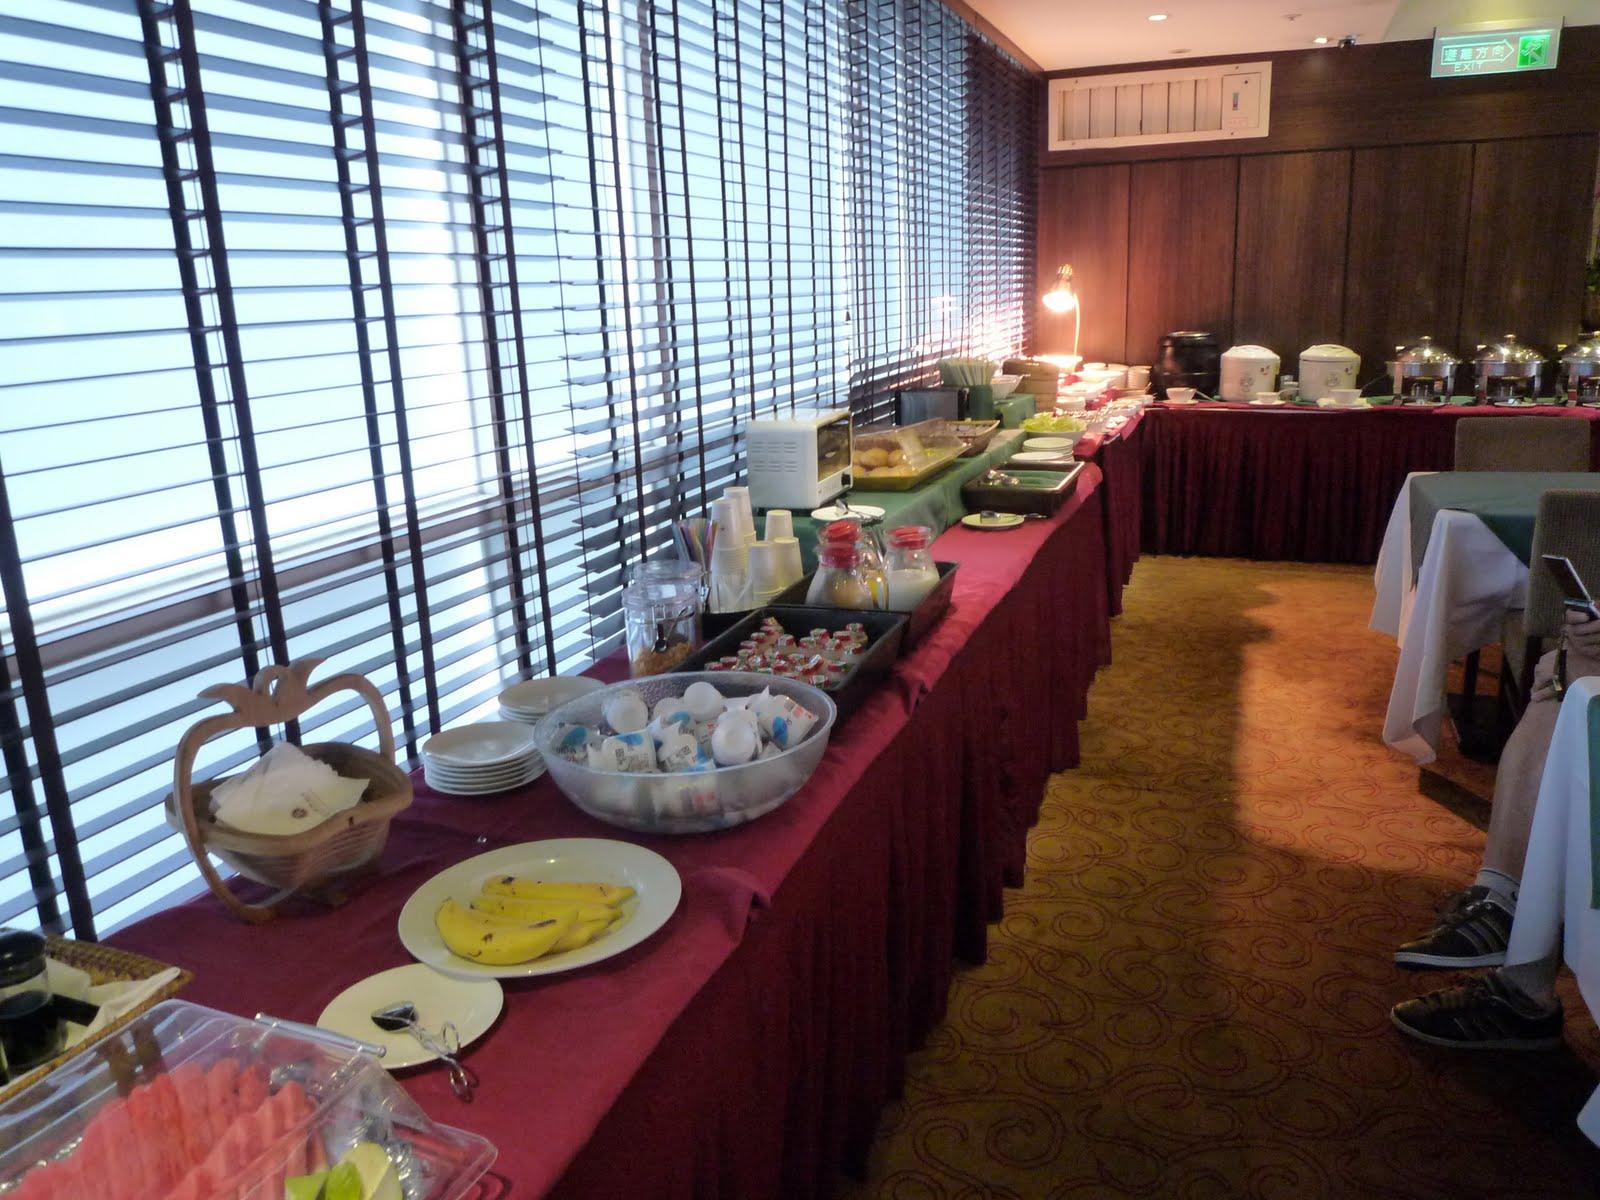 Slightly jet-lag: 臺灣 臺北 臺北國際飯店 朝食